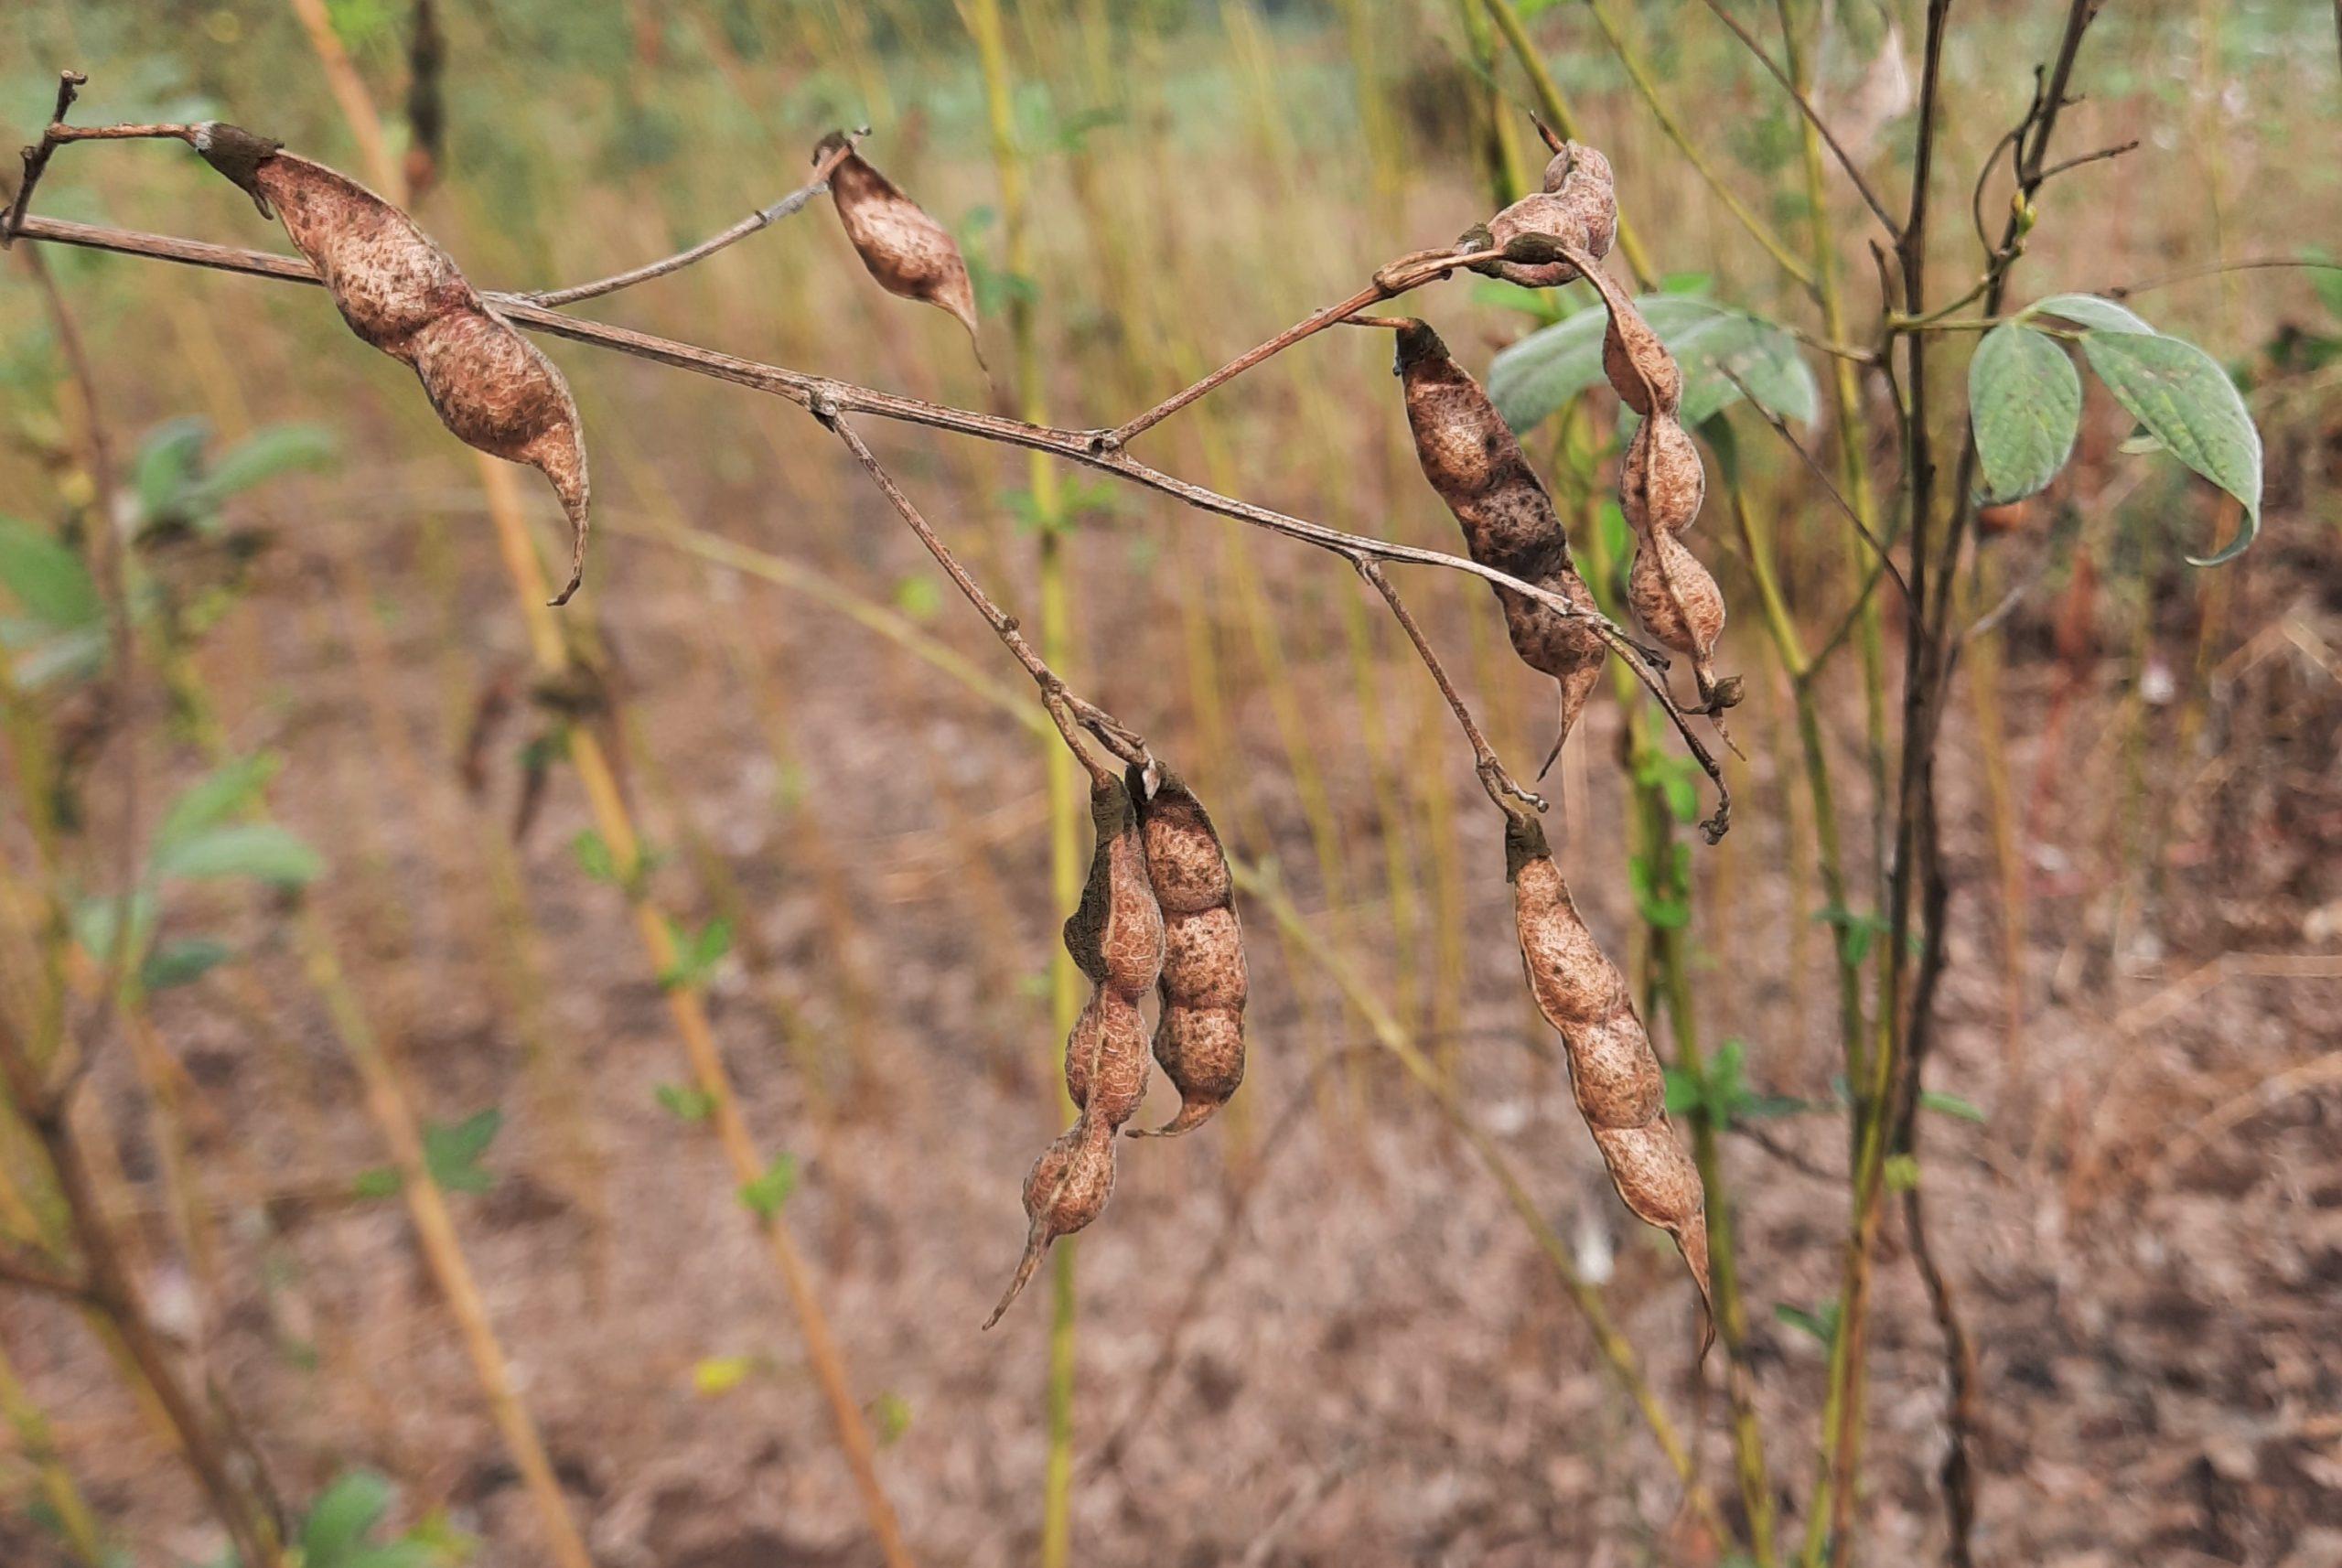 Dry legumes branch